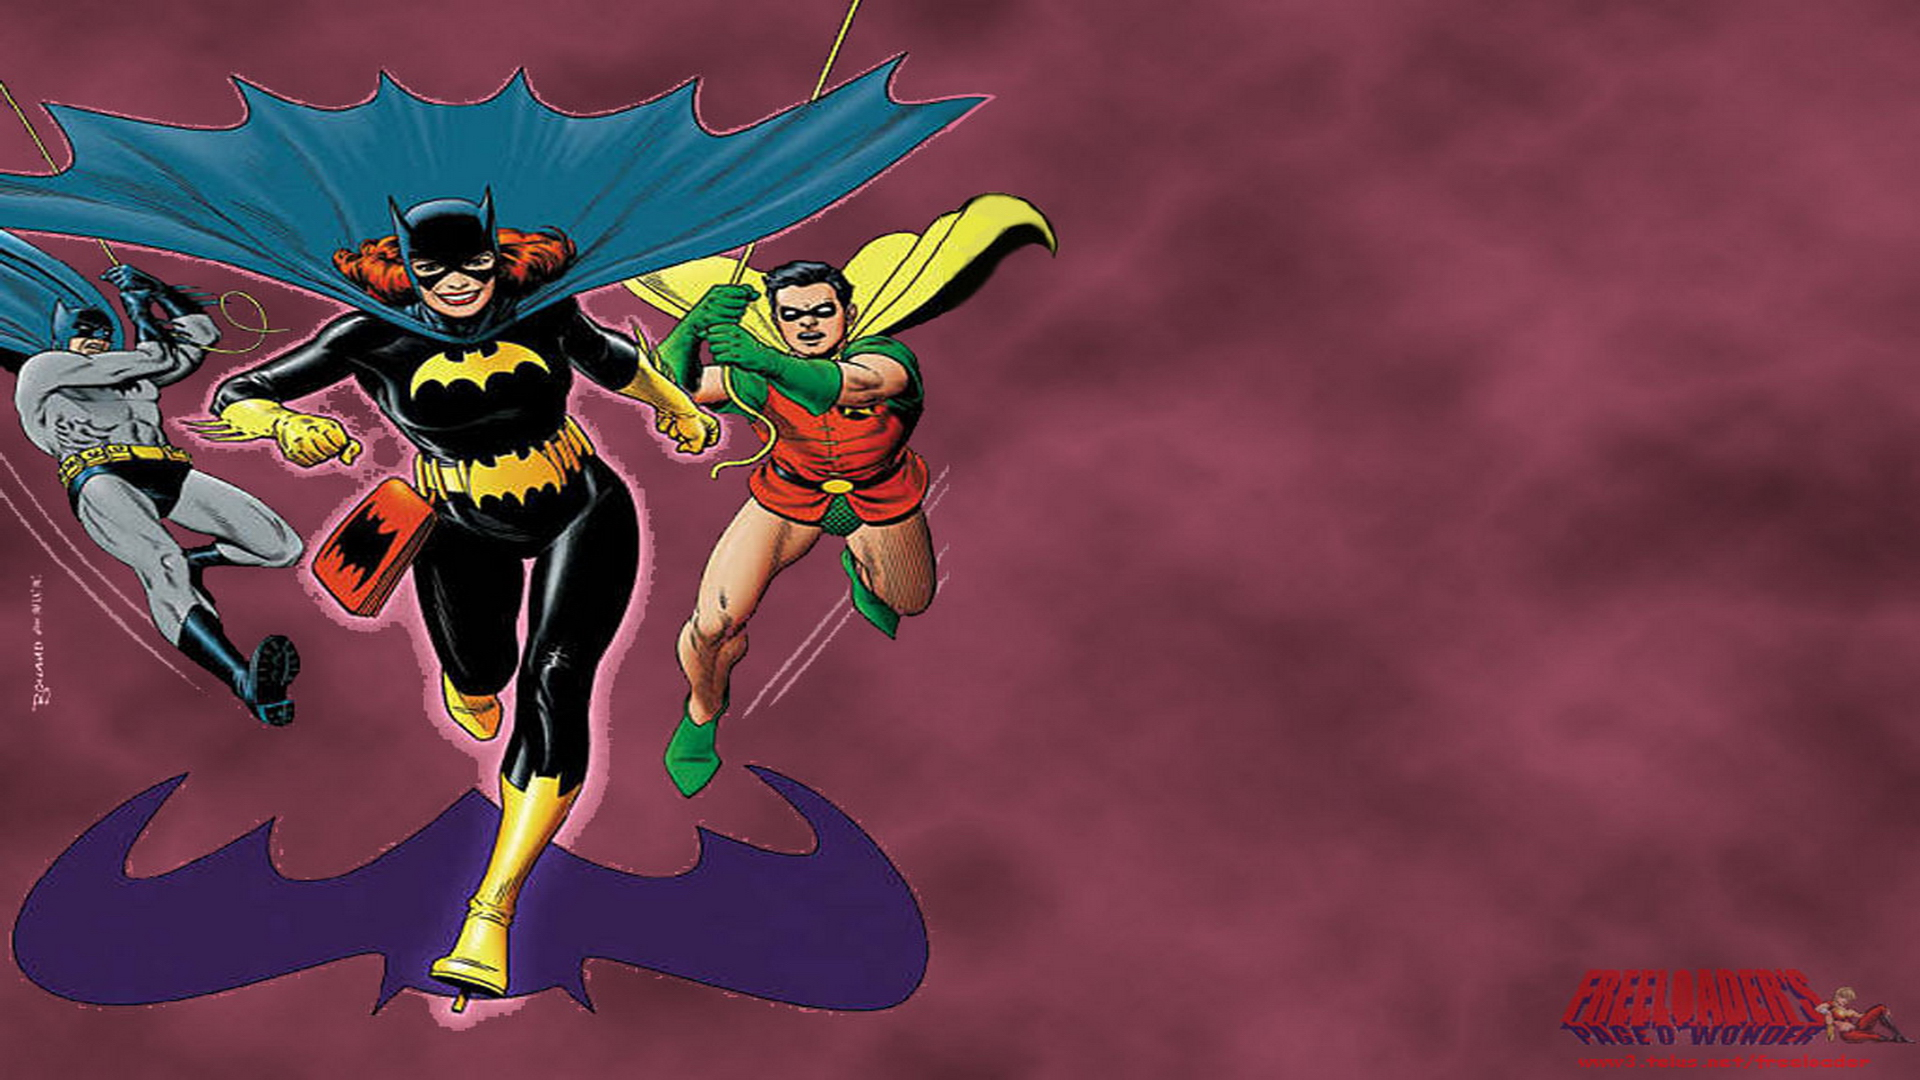 Batgirl Dc Comics 3976178 1024 768 Wallpaper Hd Desktop Wallpapers 1920x1080